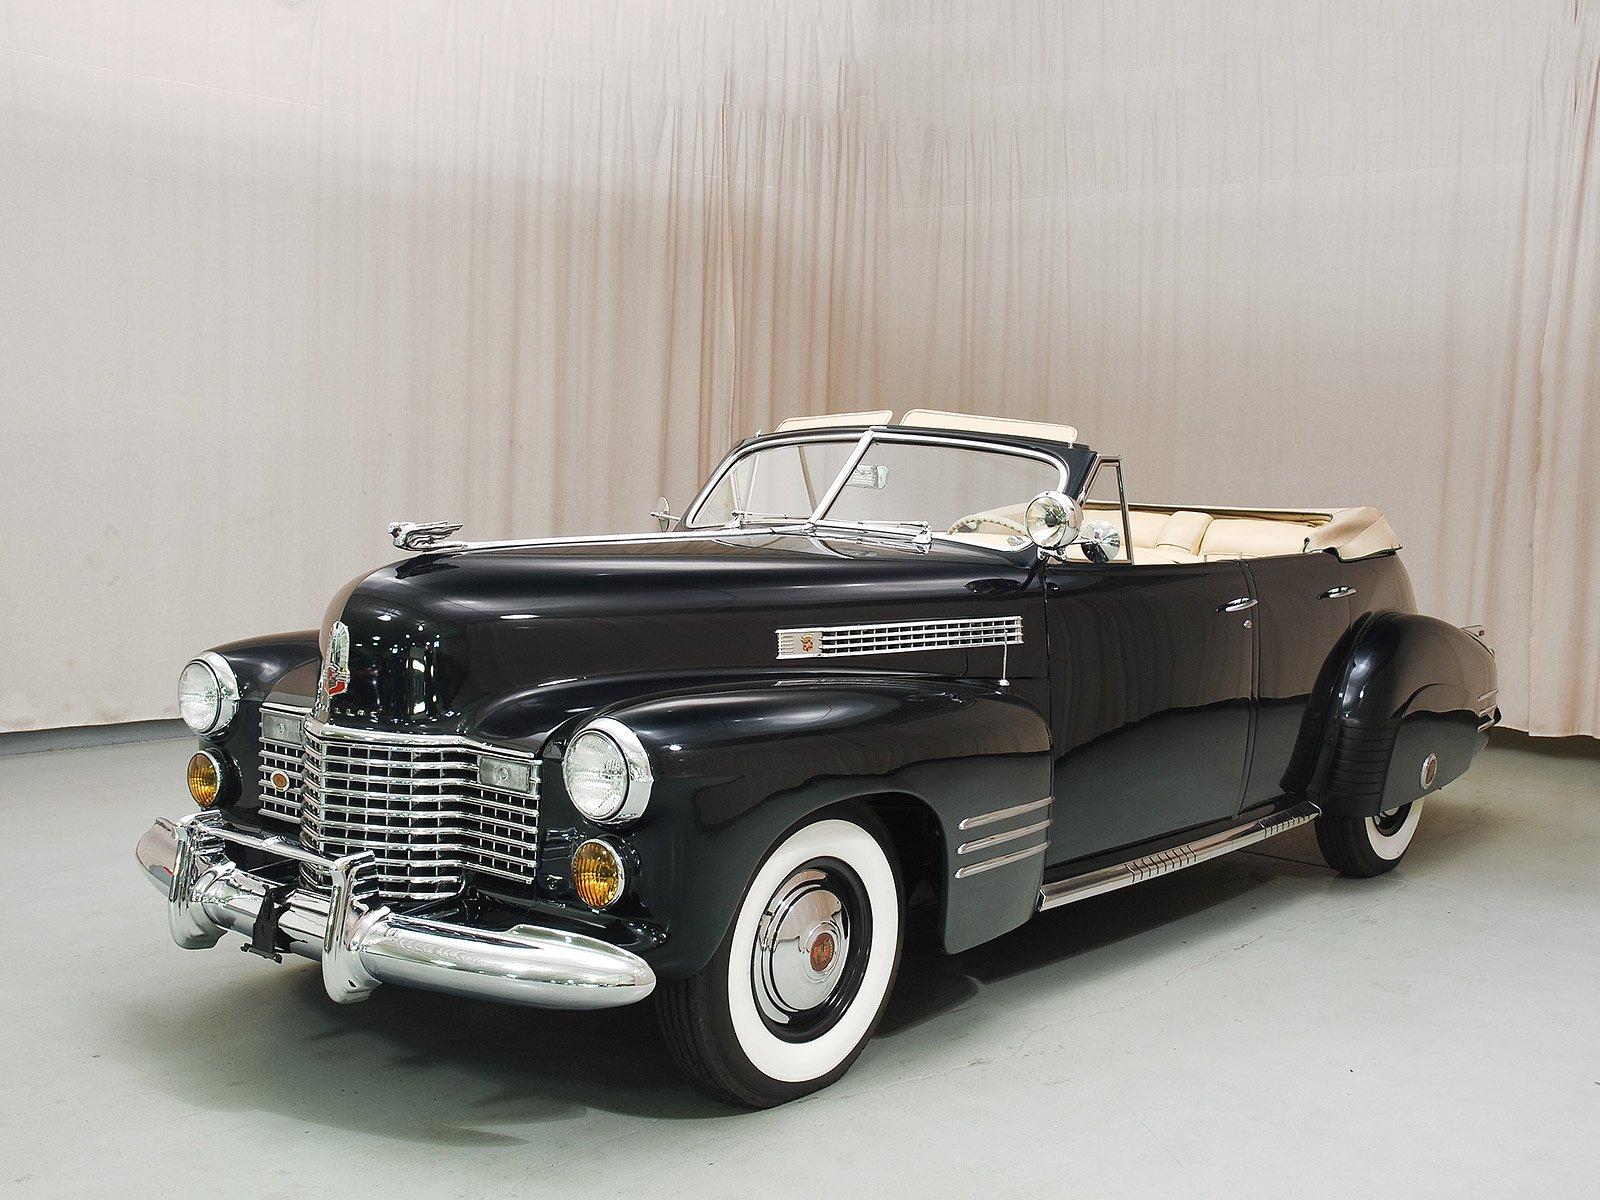 1941 Cadillac Series 62 Convertible Sedan   Classic Cars   Hyman LTD